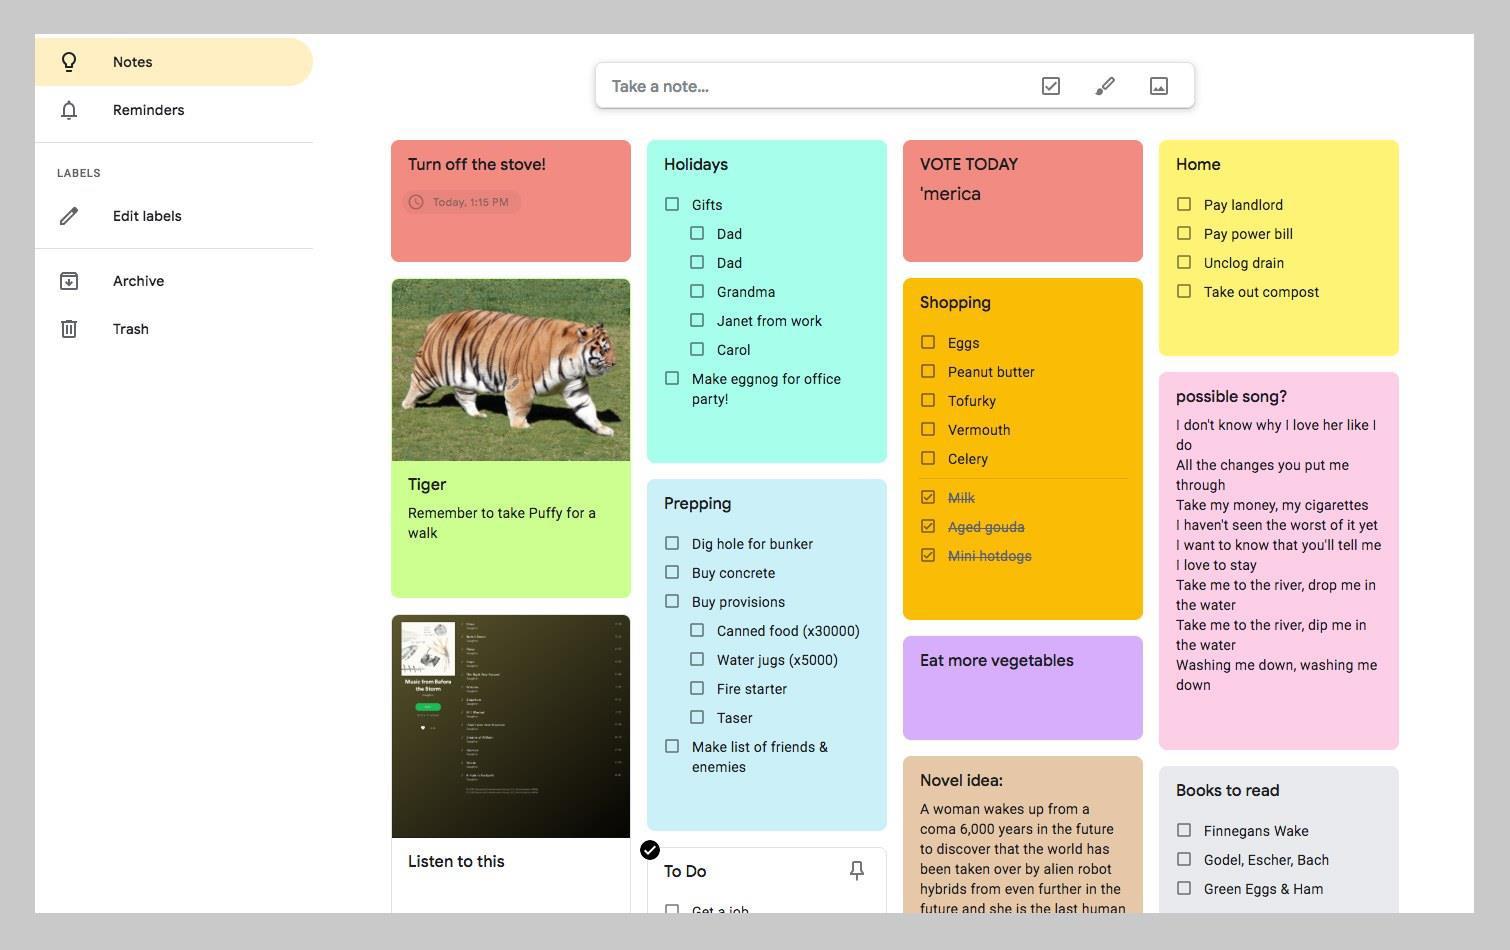 Dẹp giấy bút và tải ngay các ứng dụng Note siêu hiệu quả, dễ sử dụng - Ảnh 1.